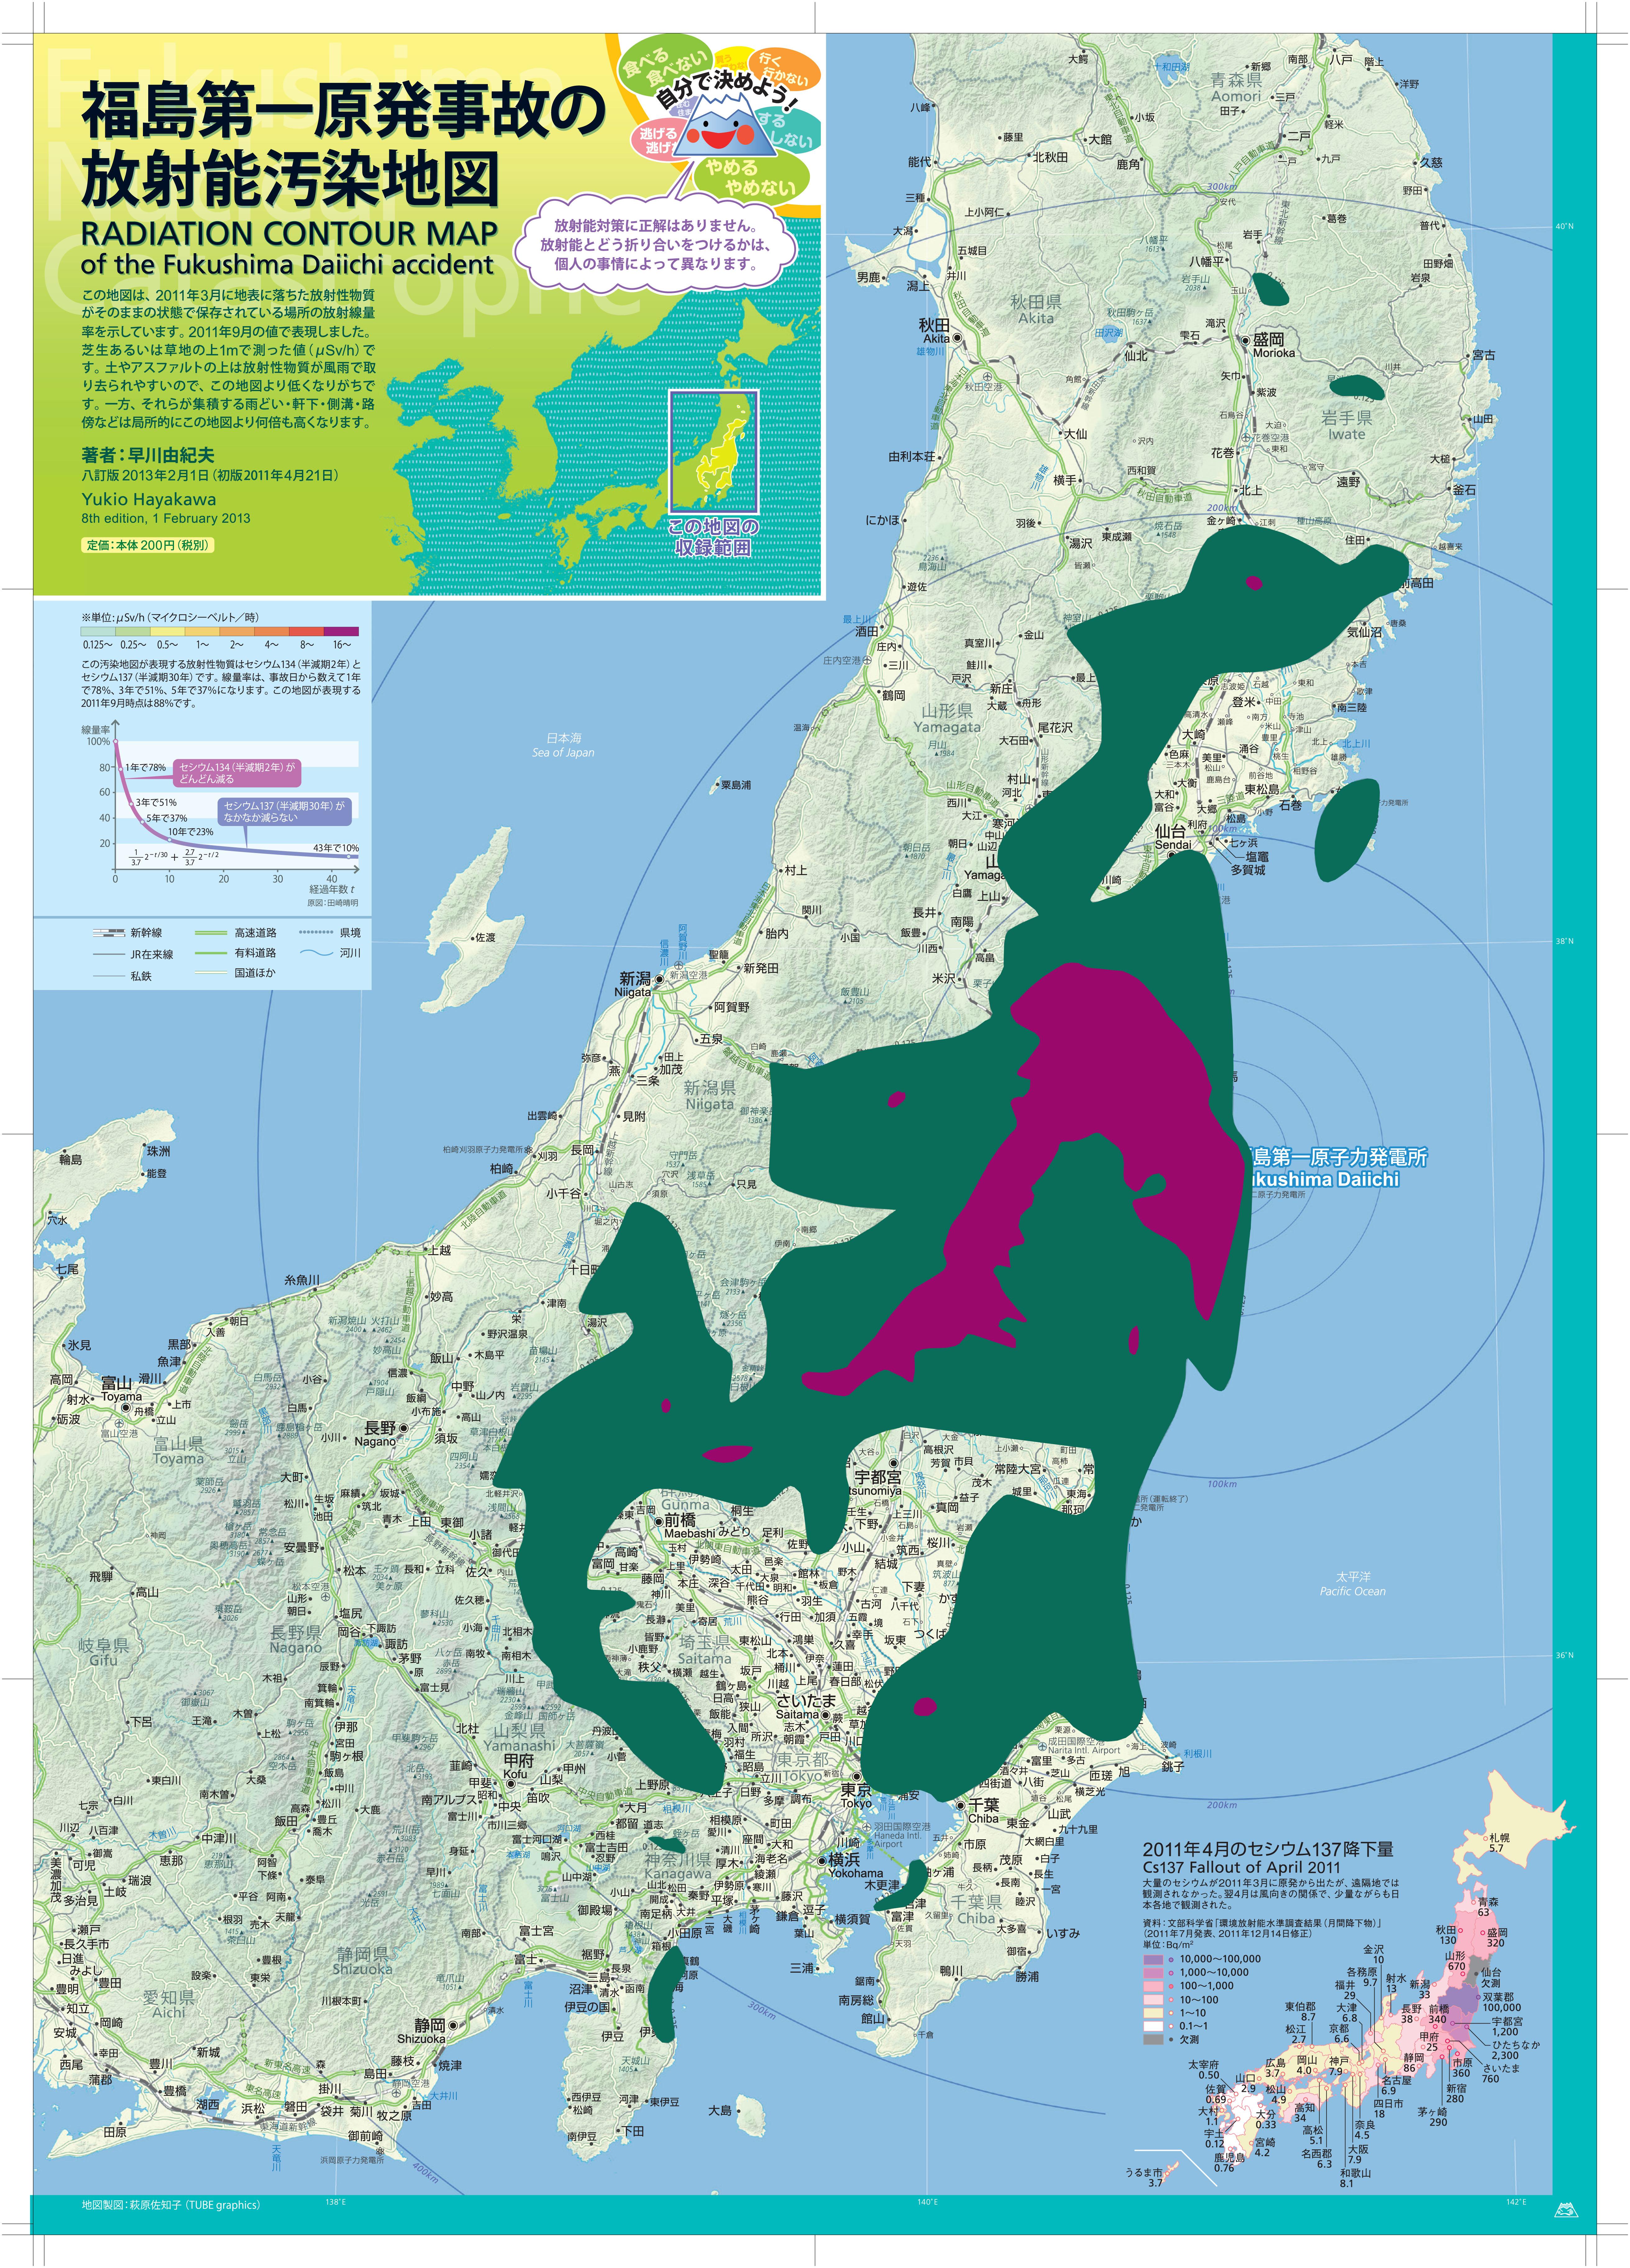 Fukushima Radiation Exceeds Chernobyl Evacuation Levels